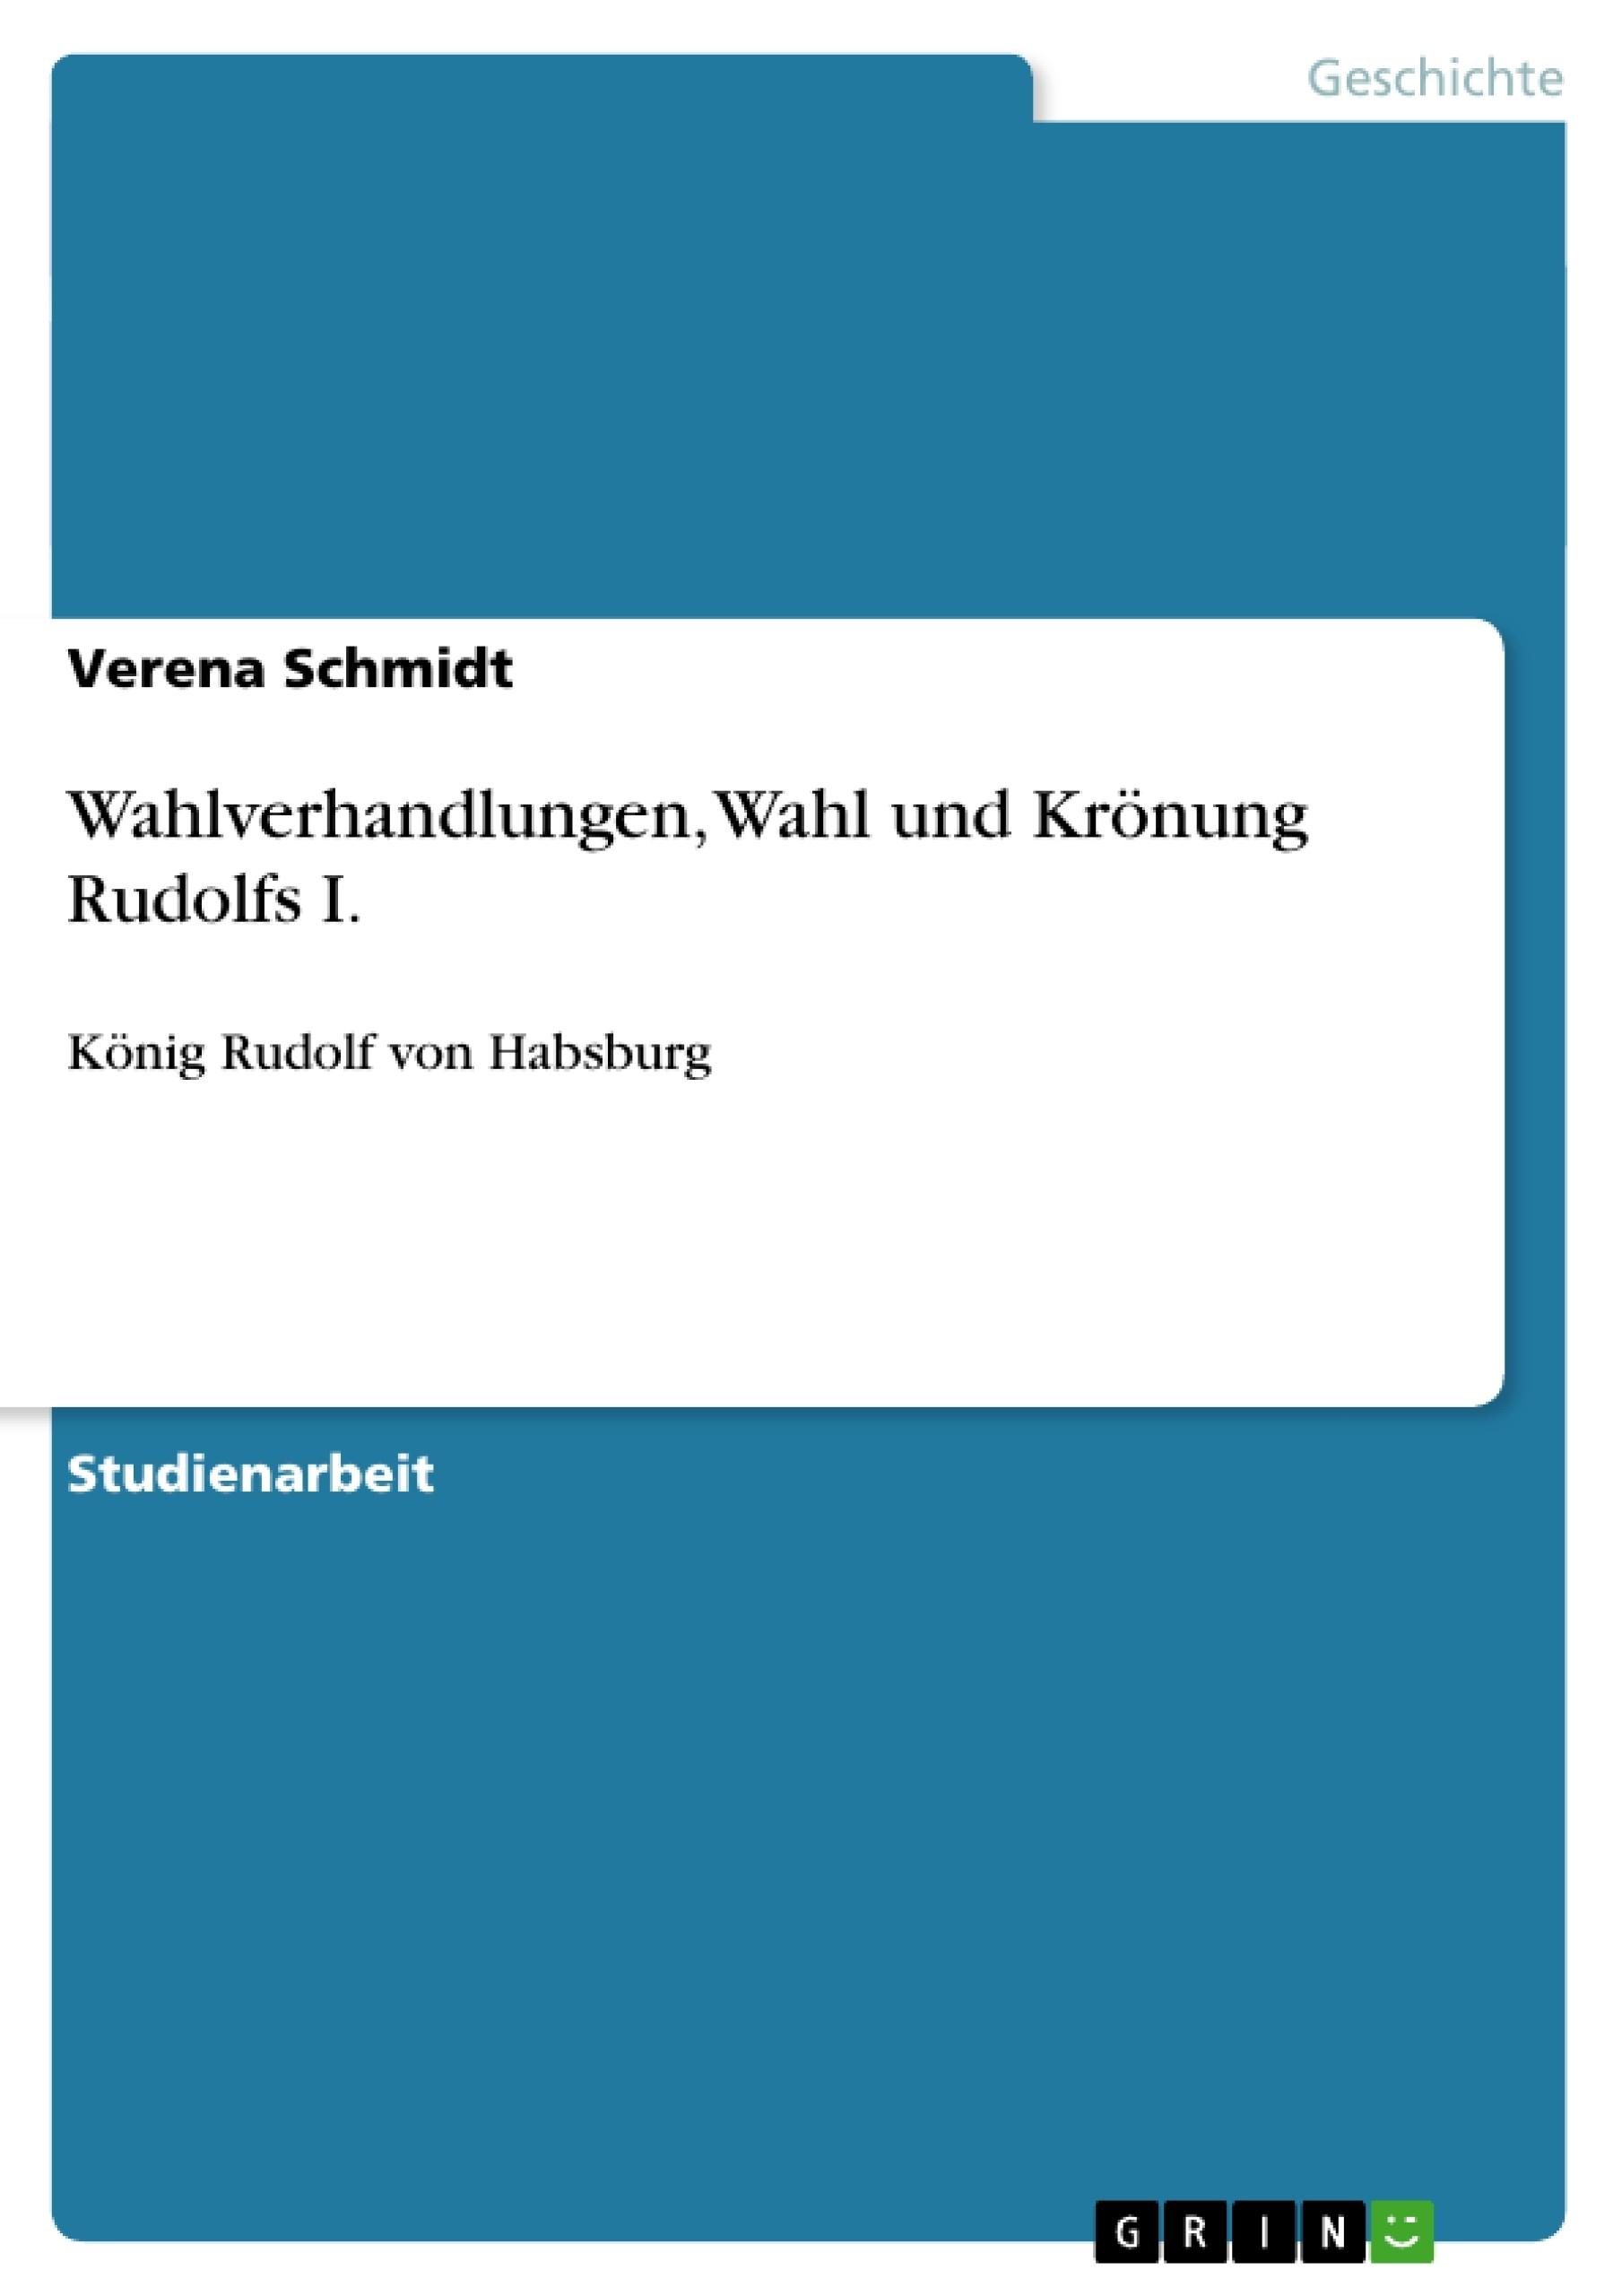 Titel: Wahlverhandlungen, Wahl und Krönung Rudolfs I.